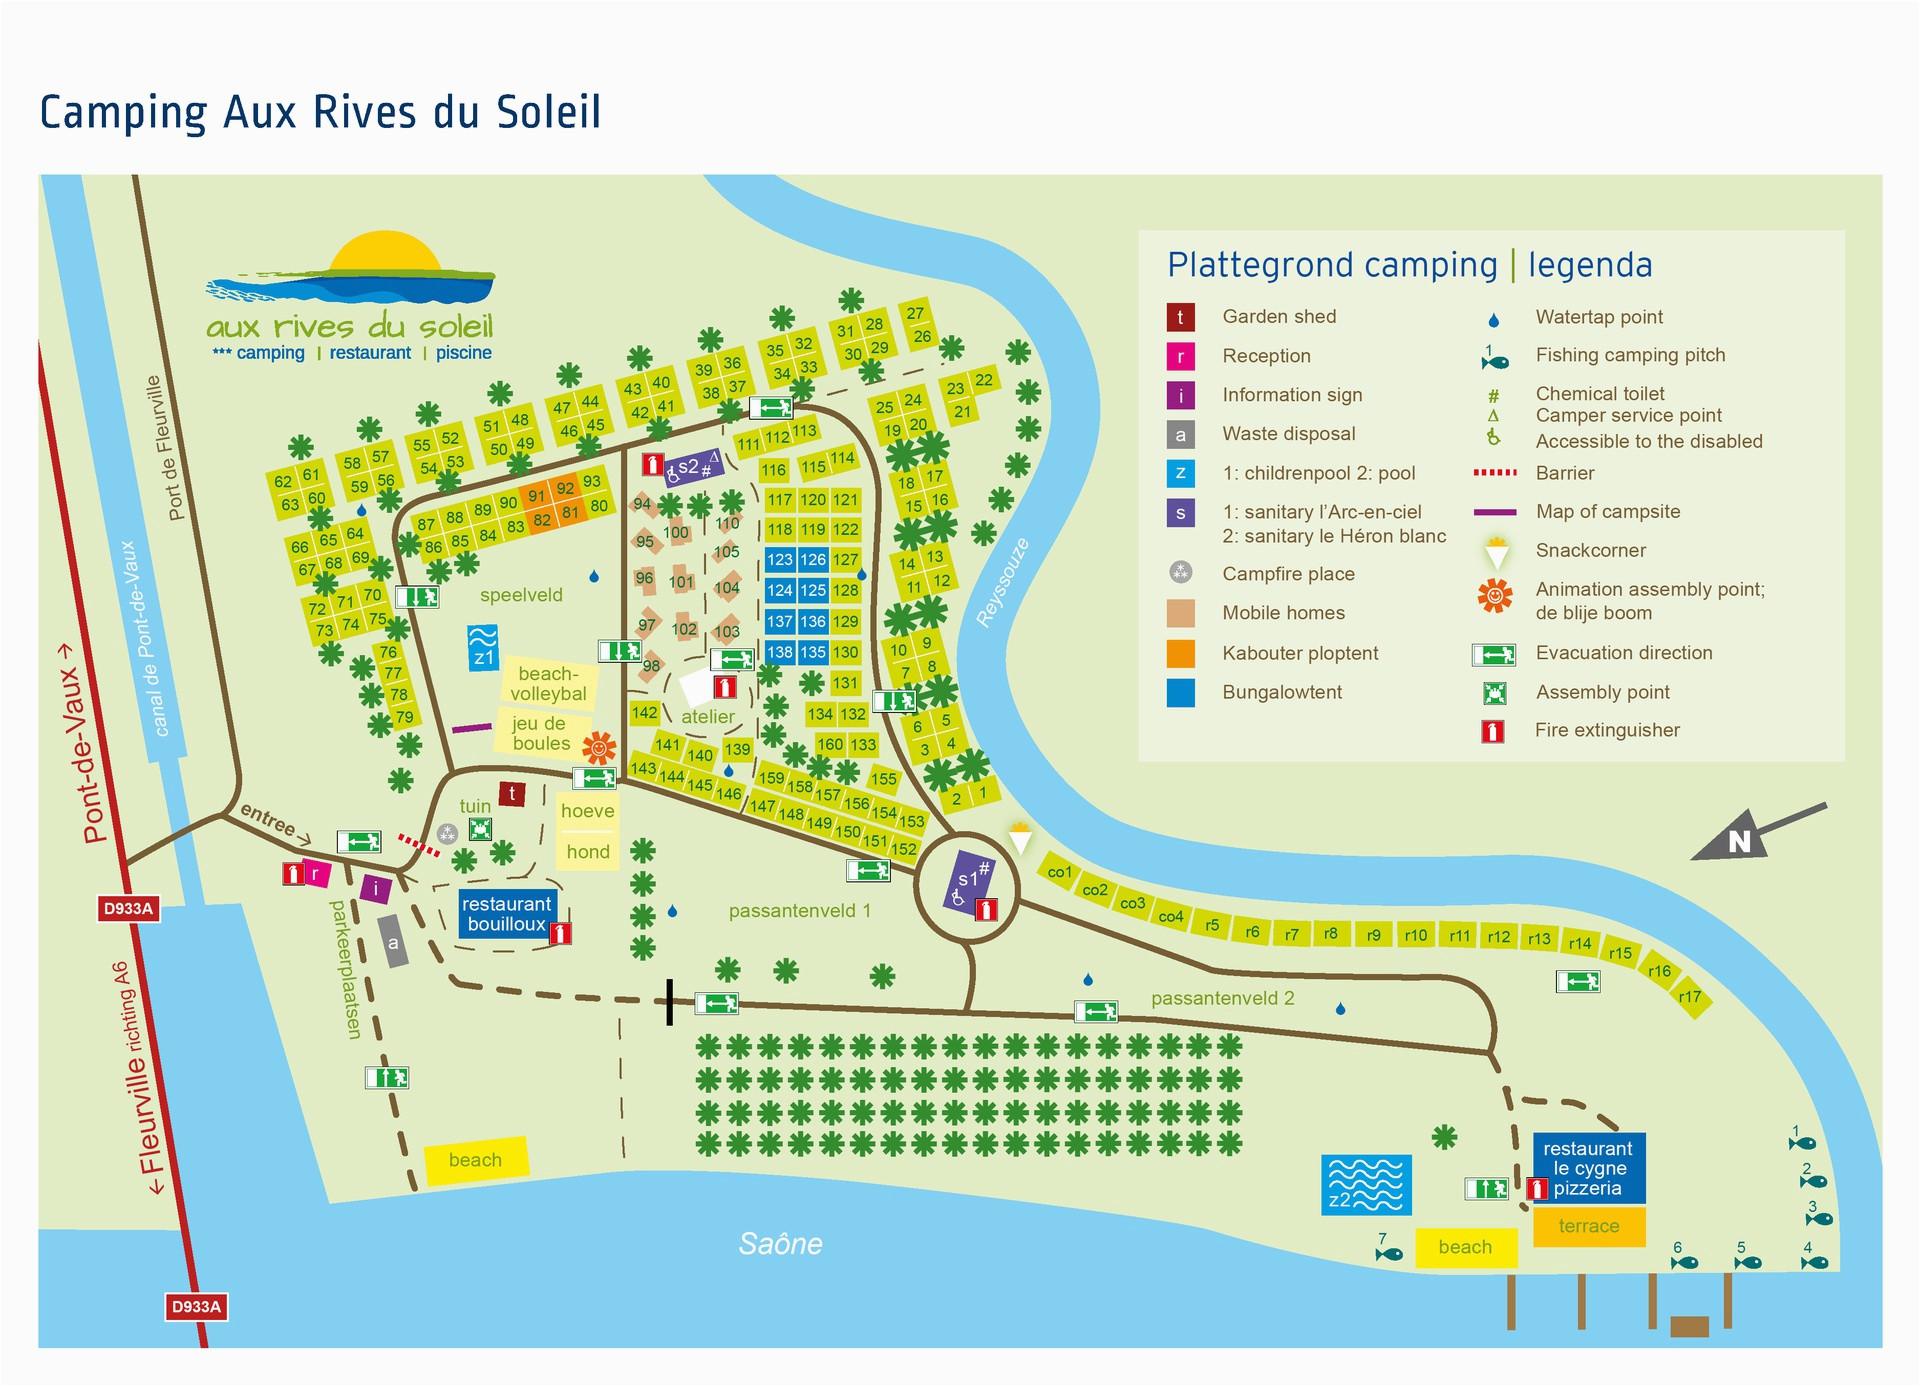 France Campsites Map Camping Aux Rives Du soleil France Vacansoleil Ie